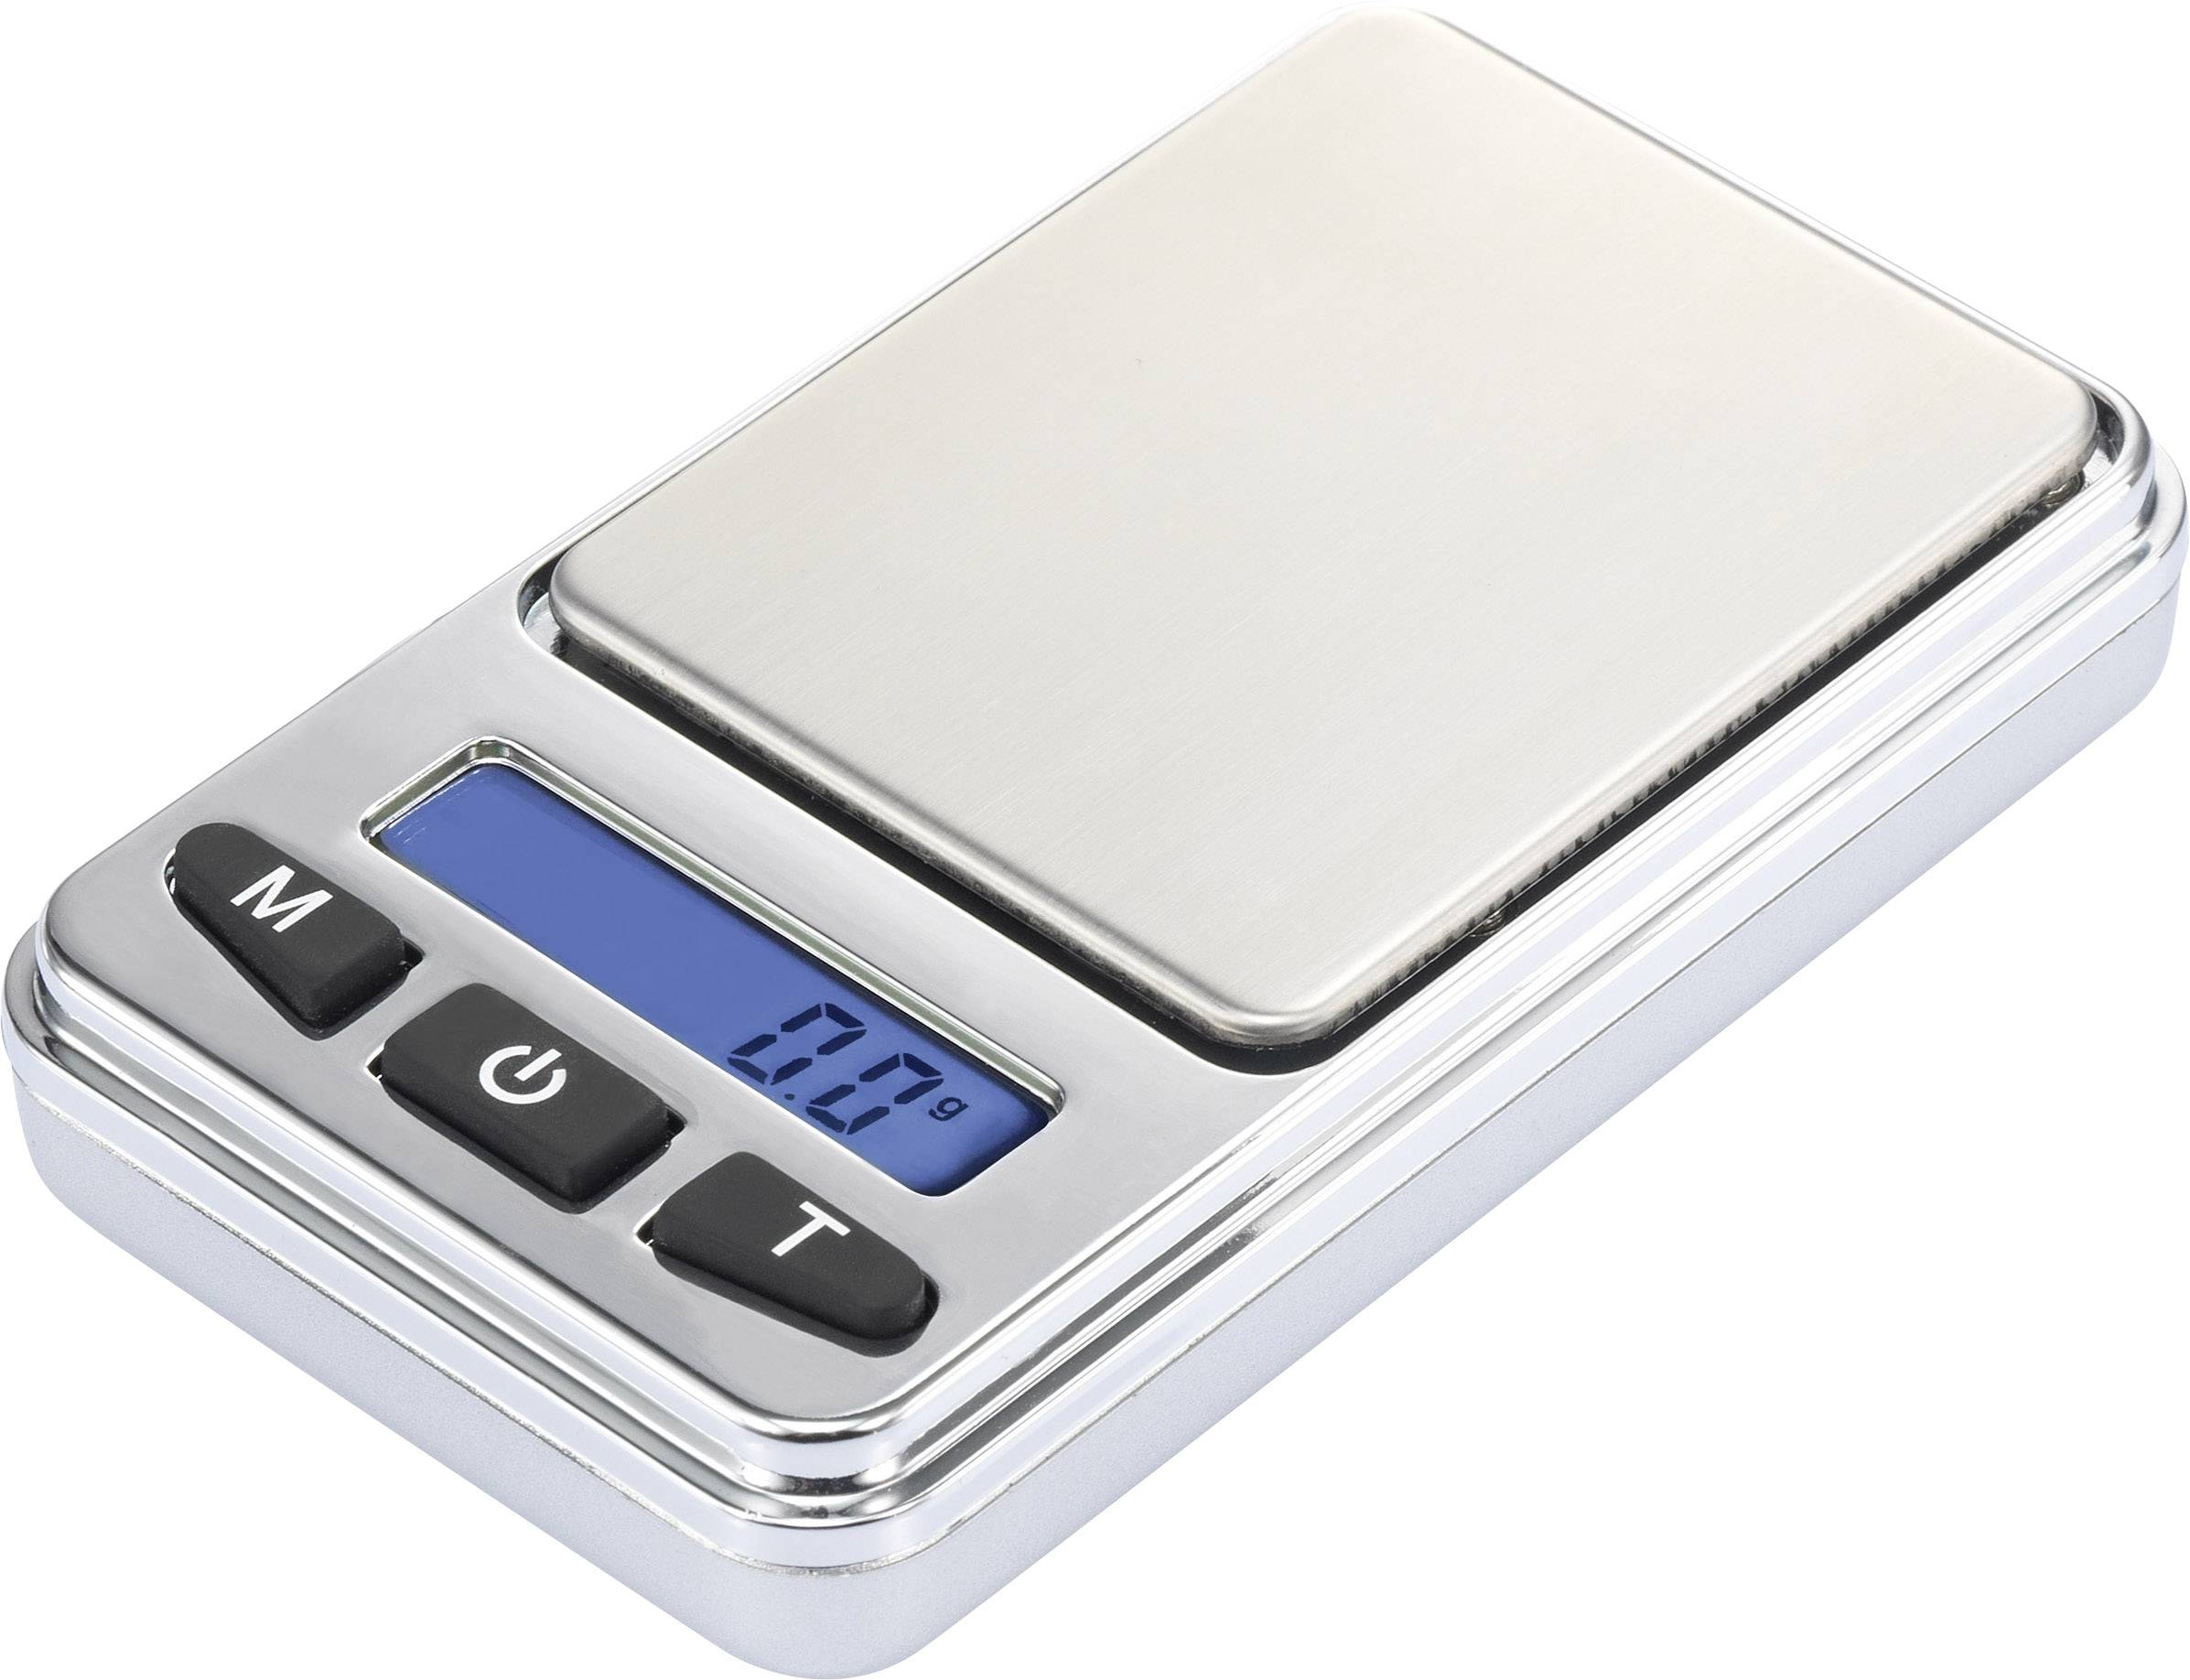 Kapesní váha Basetech , Max. váživost 200 g, Rozlišení 0.01 g, na baterii, stříbrná